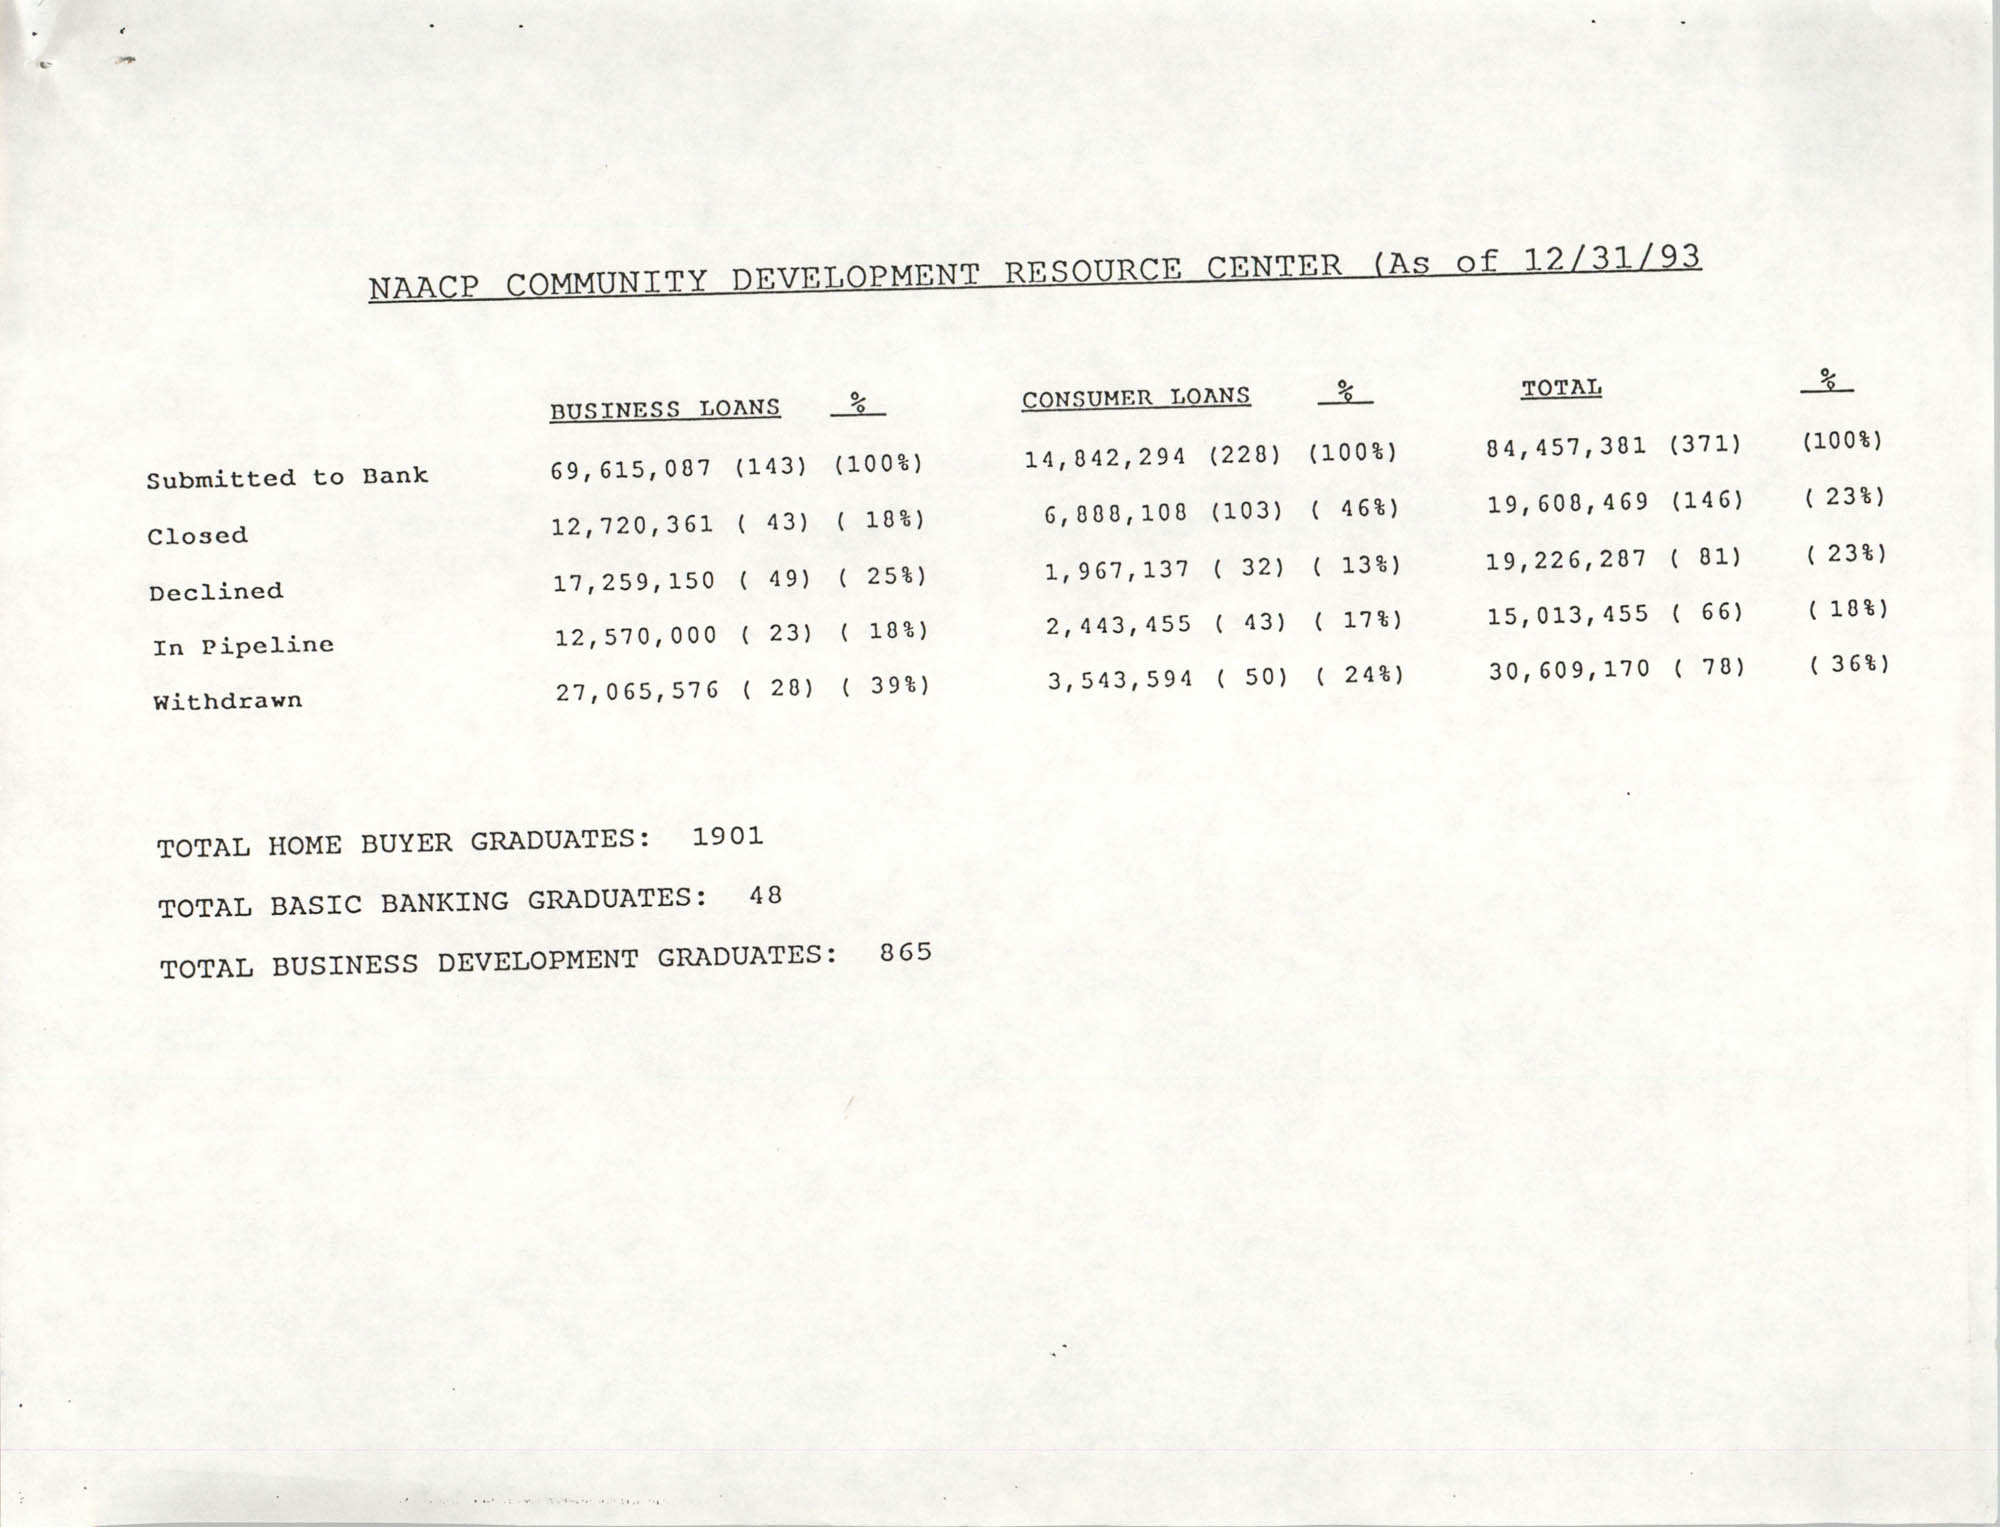 NAACP Community Development Resource Center, December 31, 1993